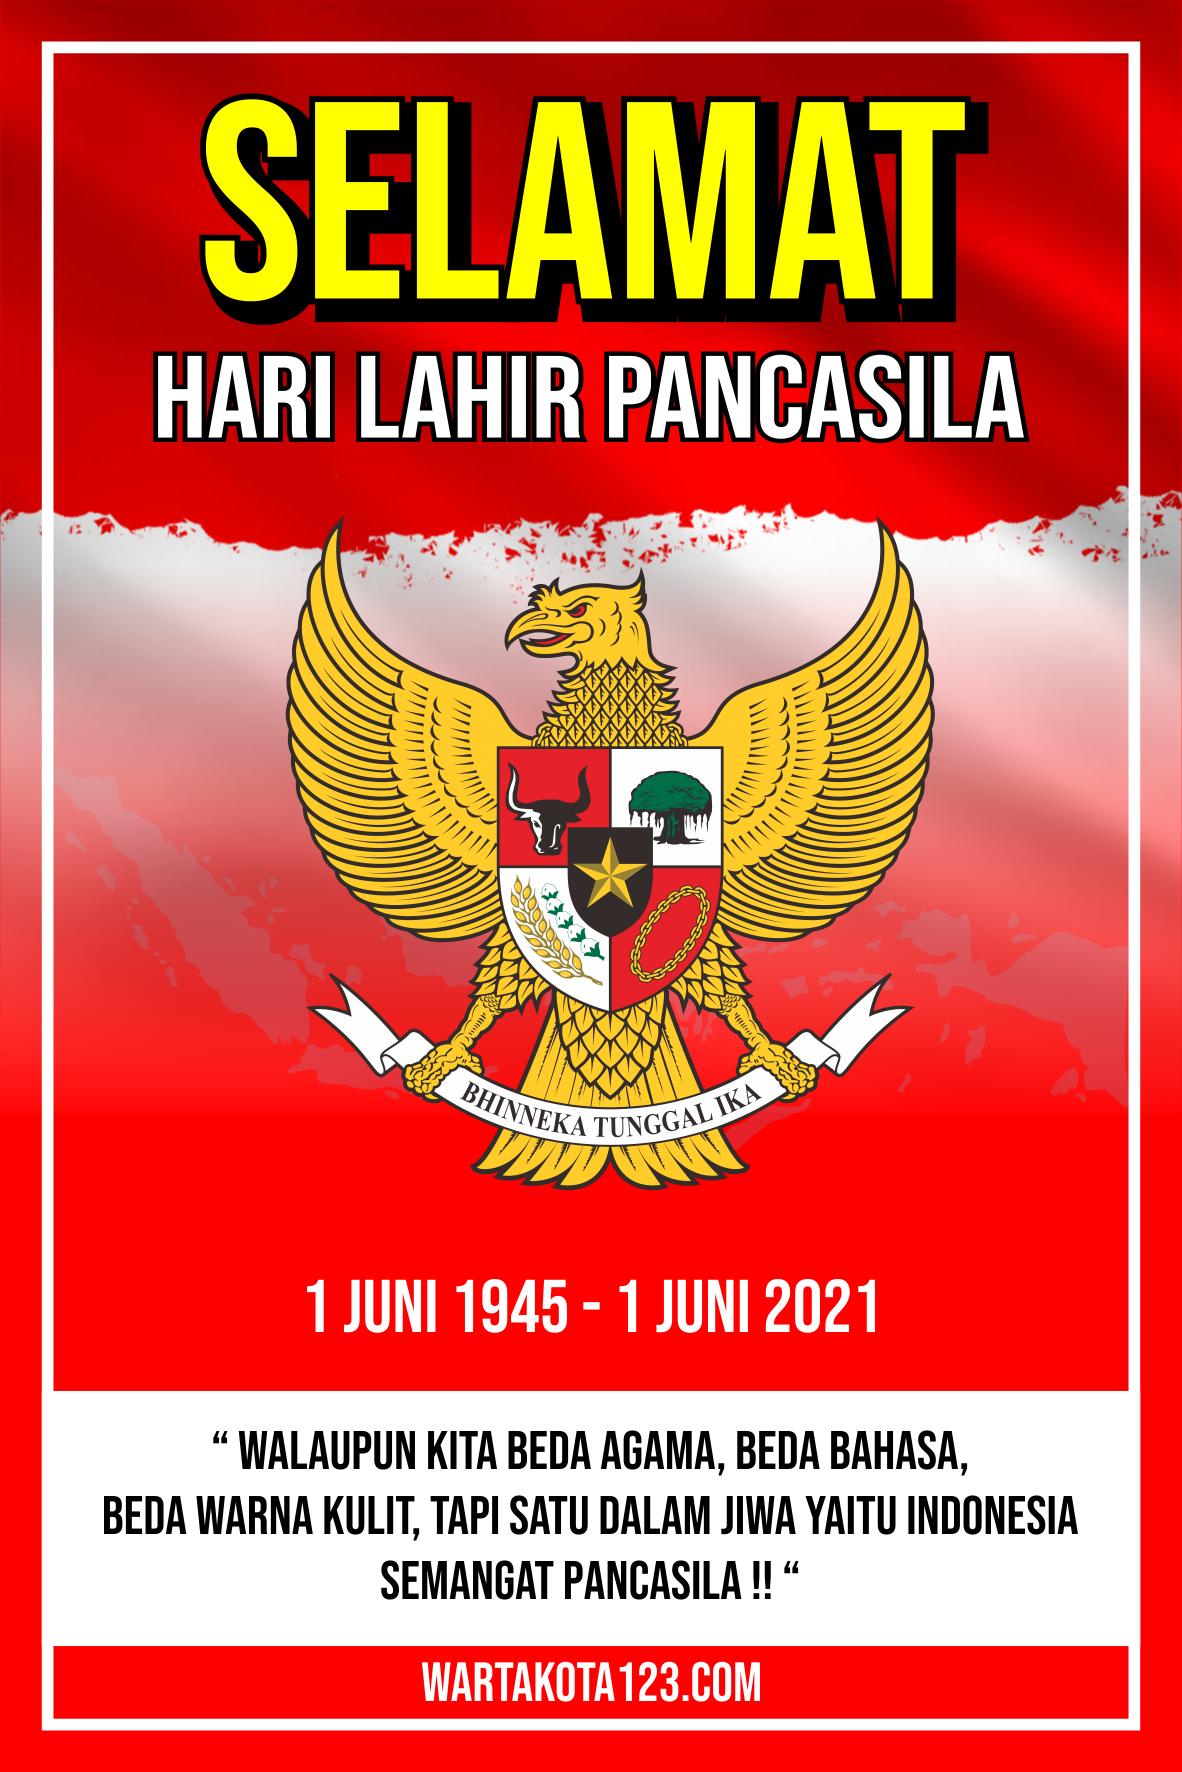 Poster Hari Lahir Pancasila 2021